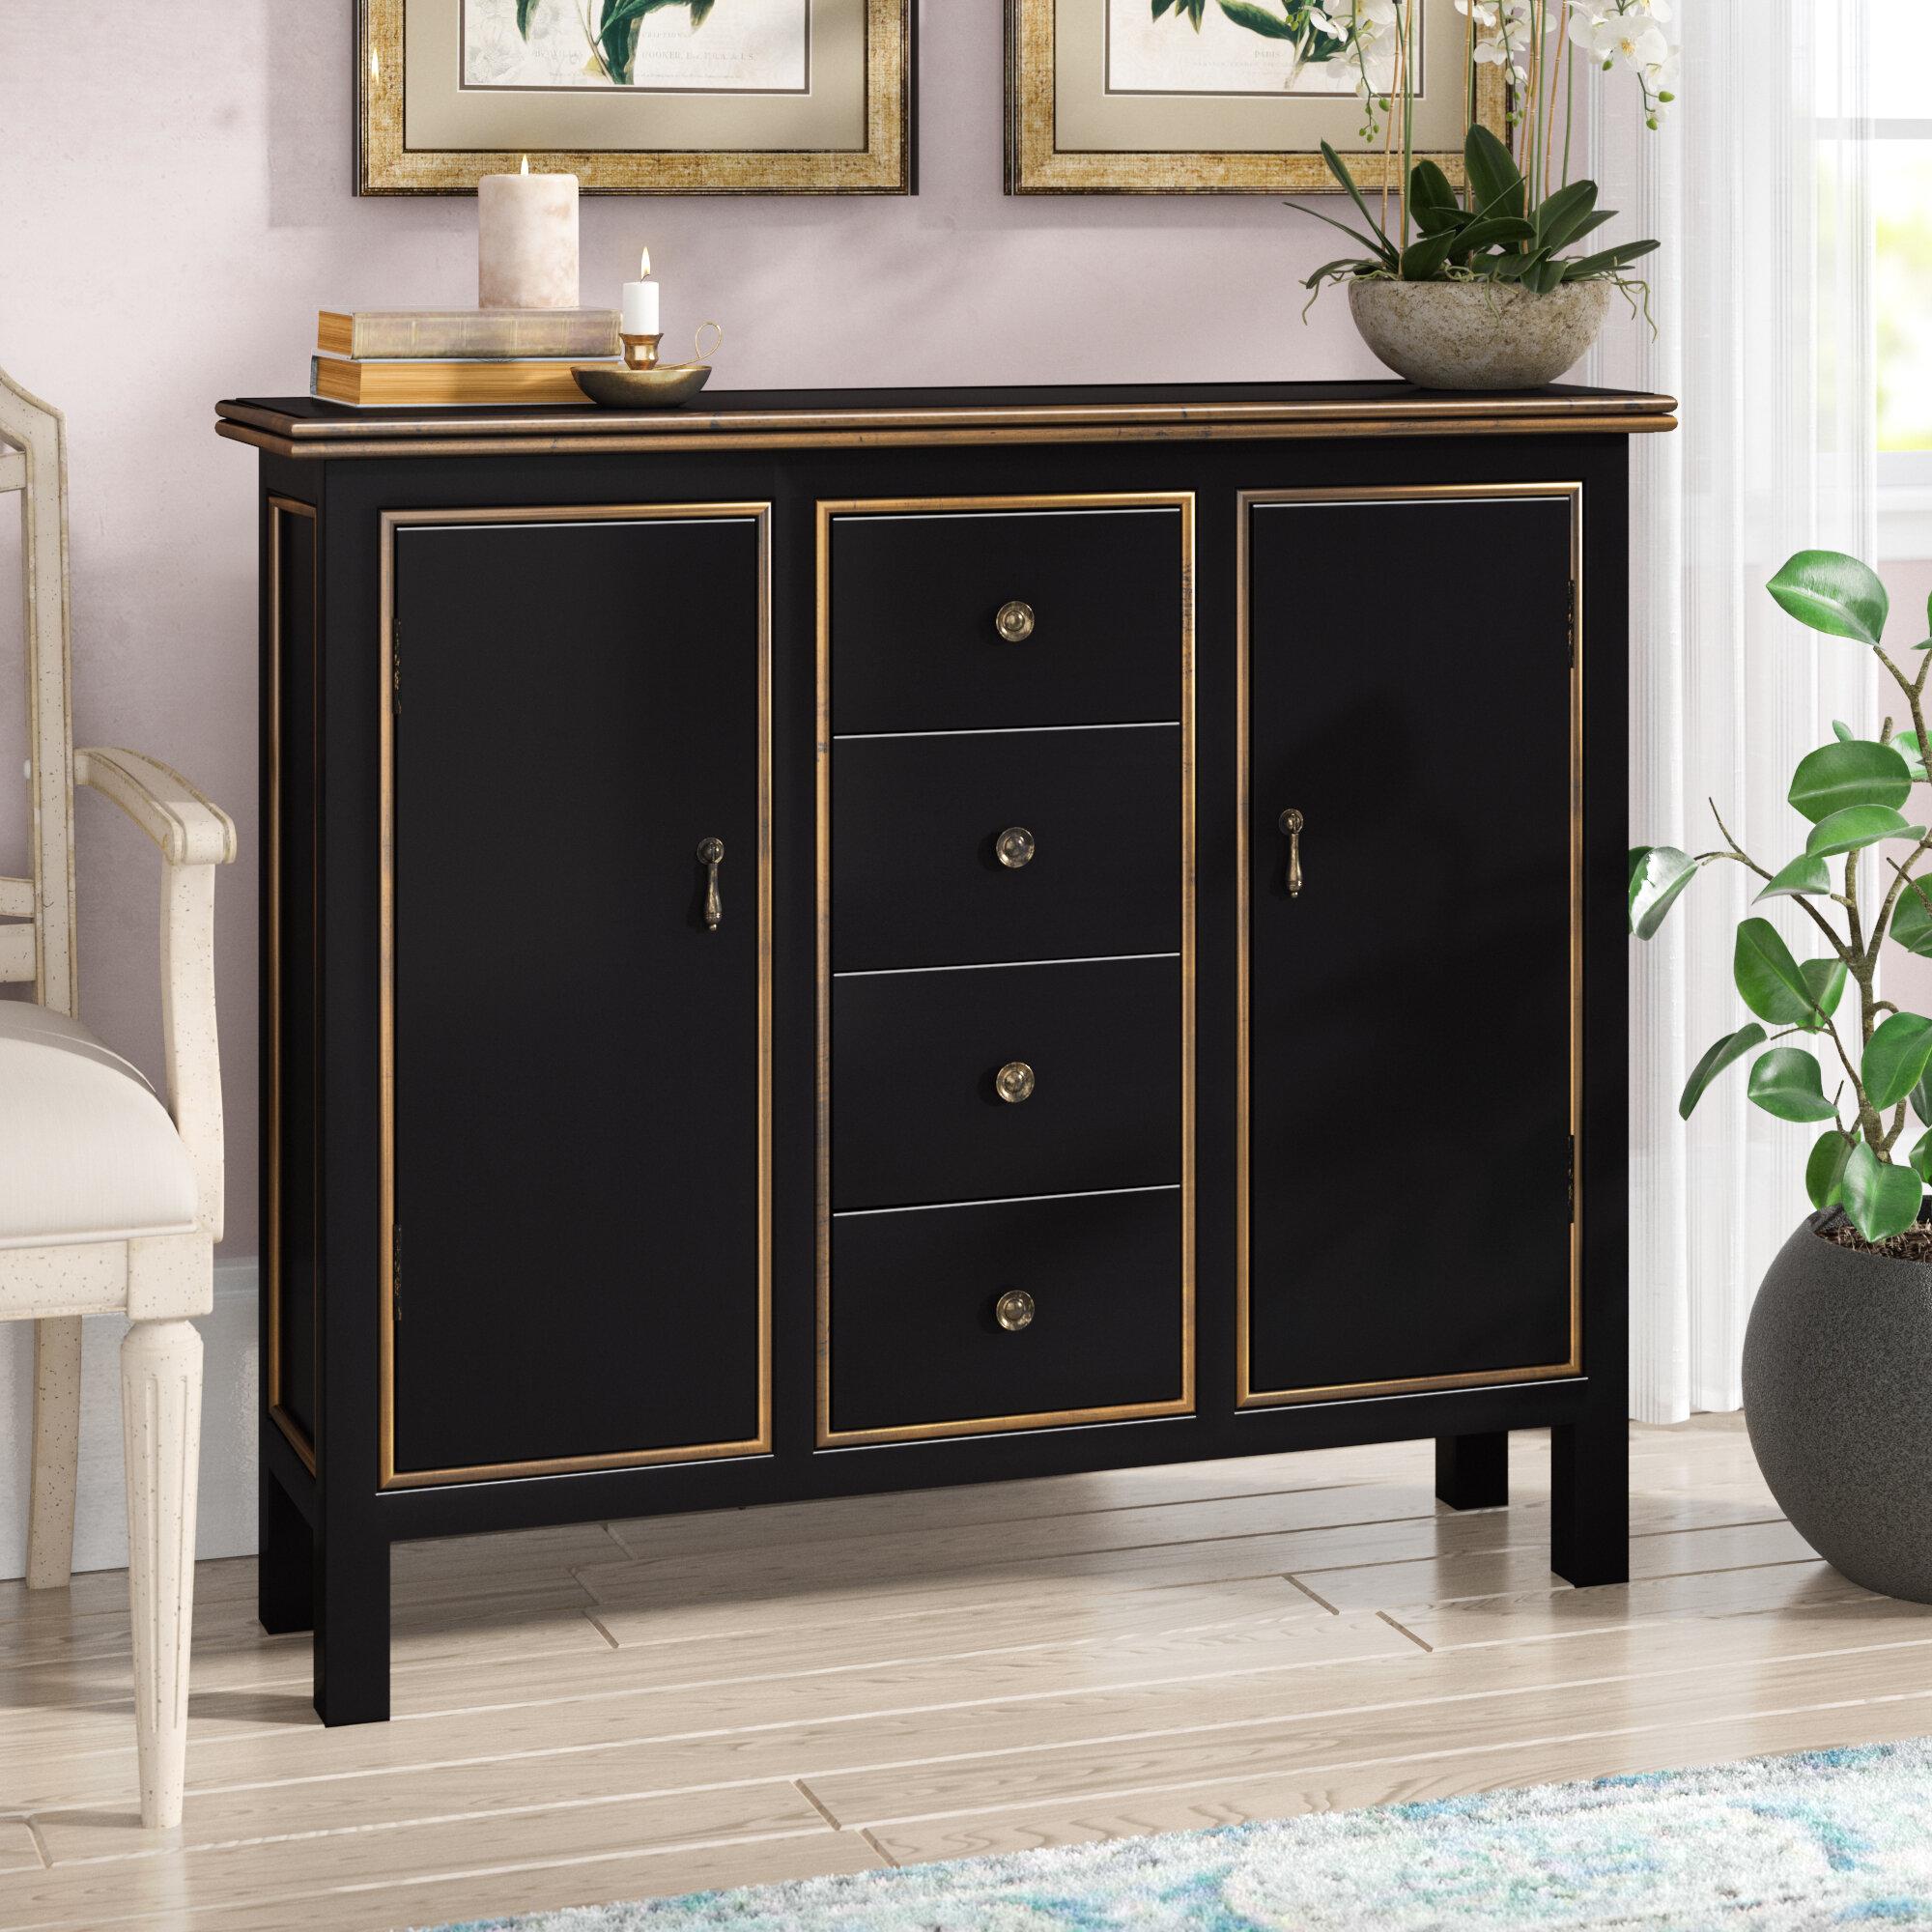 en home dining storage connect cabinet office furniture ireland door